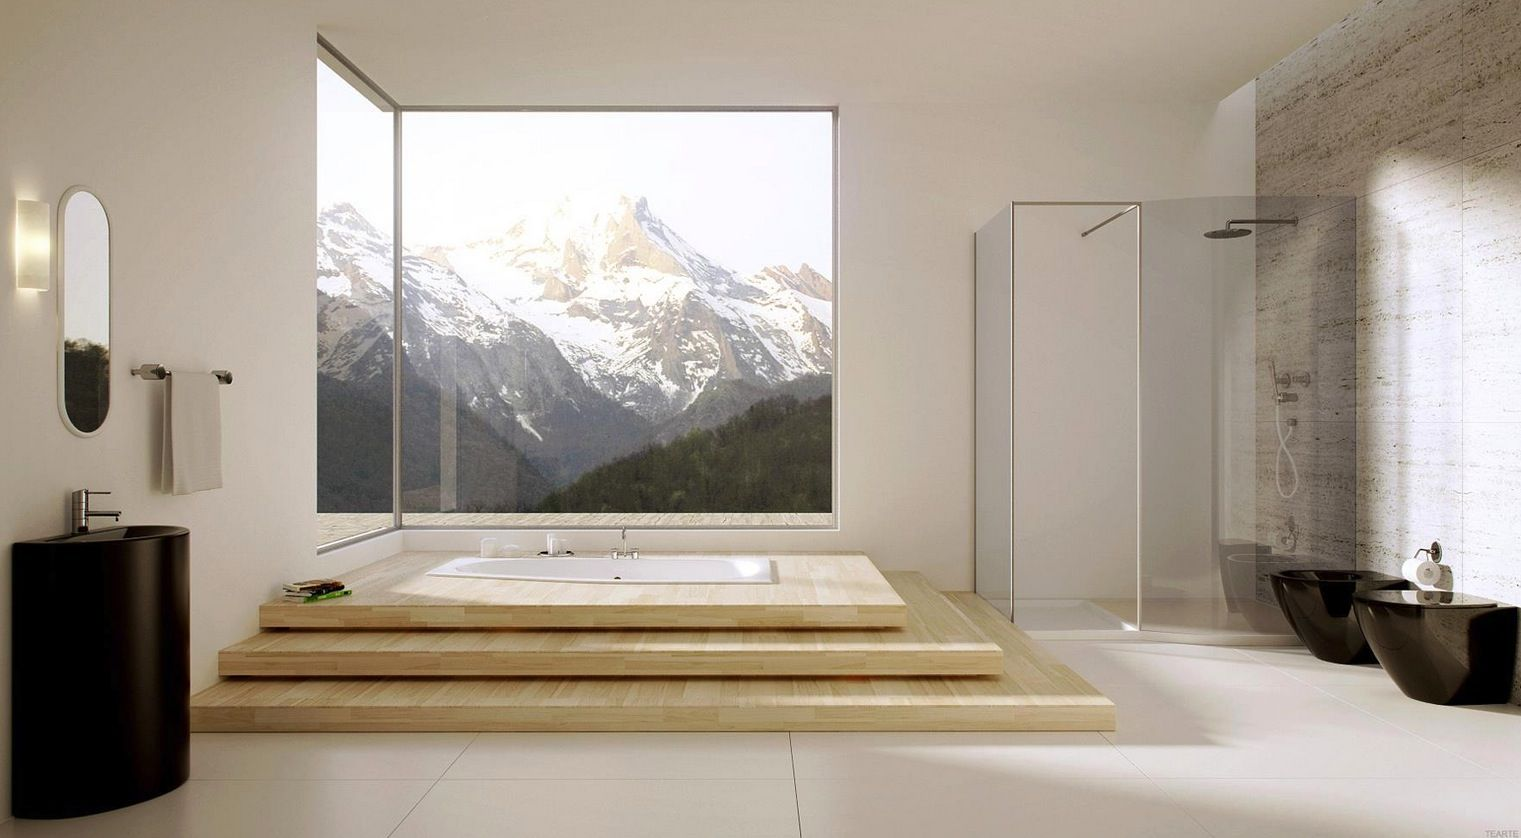 Most Amazing Luxury Bathroom Design Ideas You Ll Fall In Love